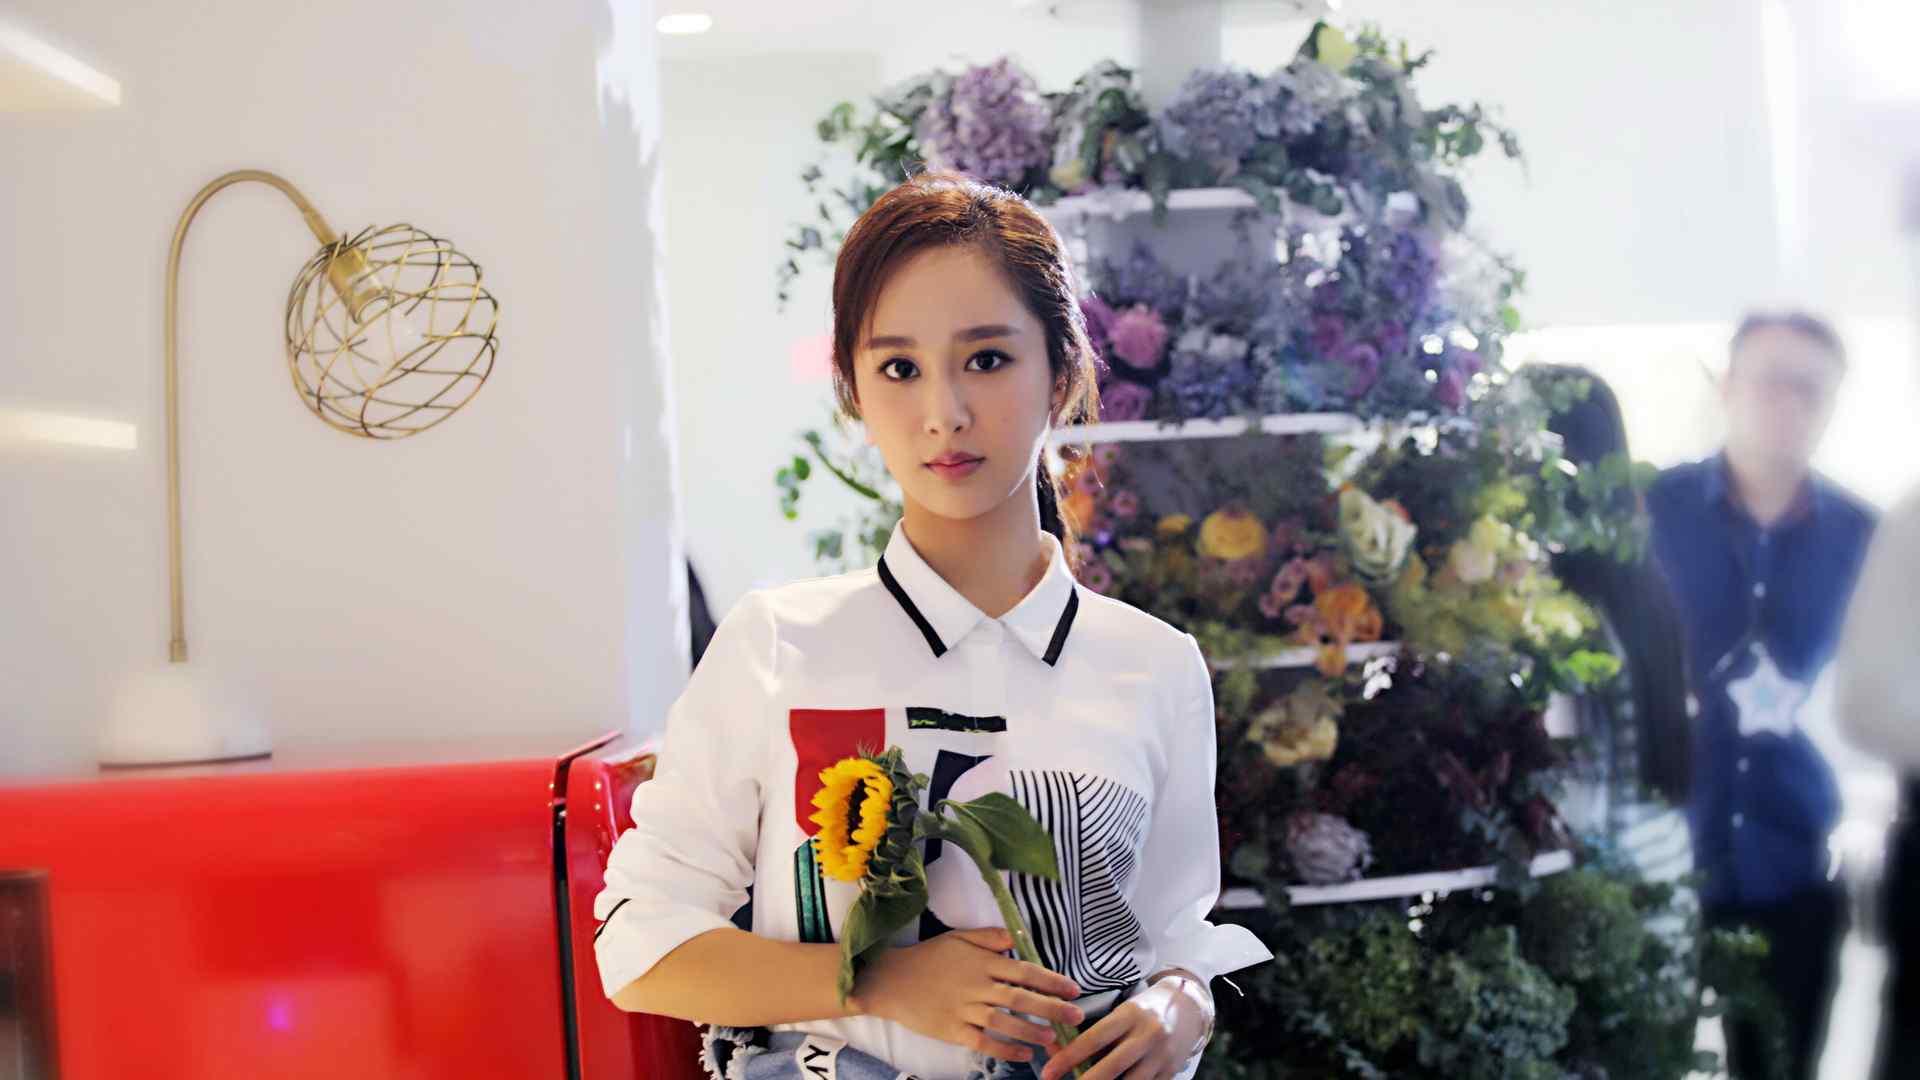 氧气美女杨紫清新文艺写真高清壁纸